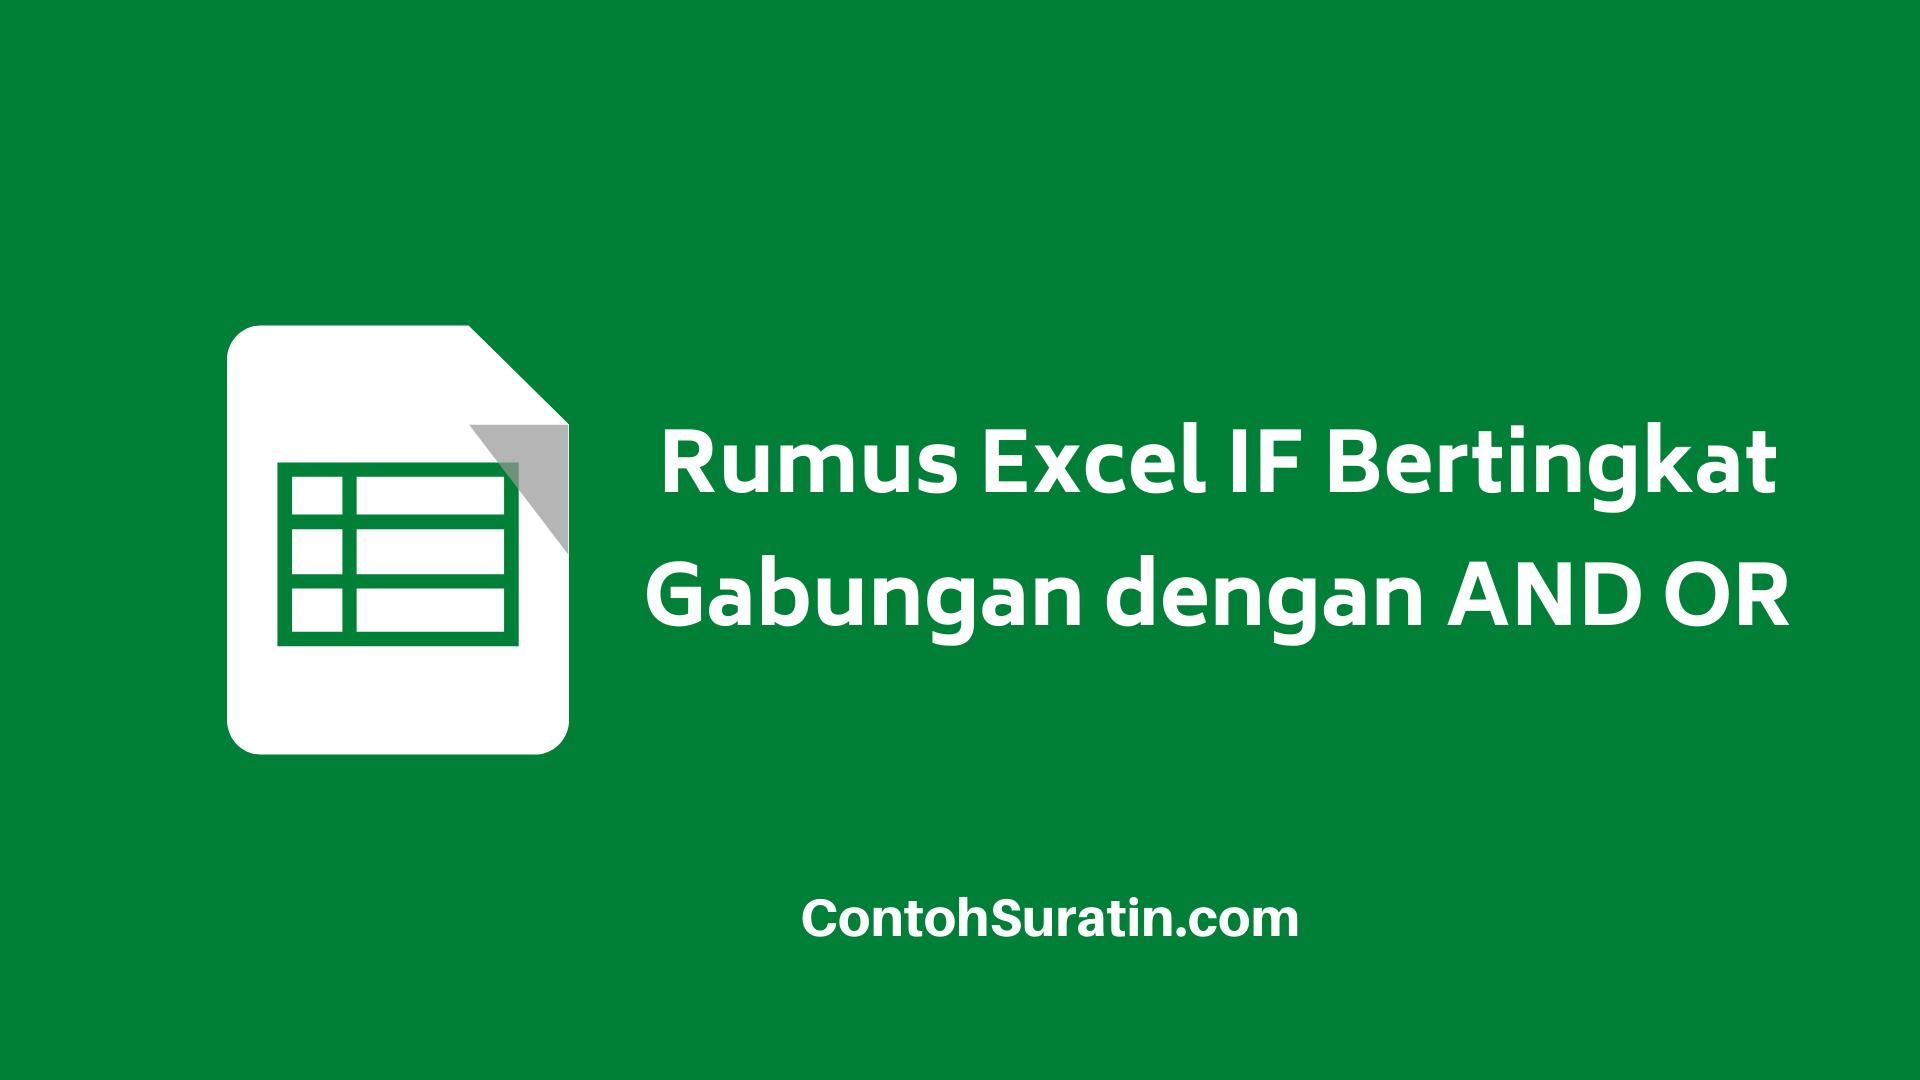 Rumus Excel IF Bertingkat Gabungan AND dan OR